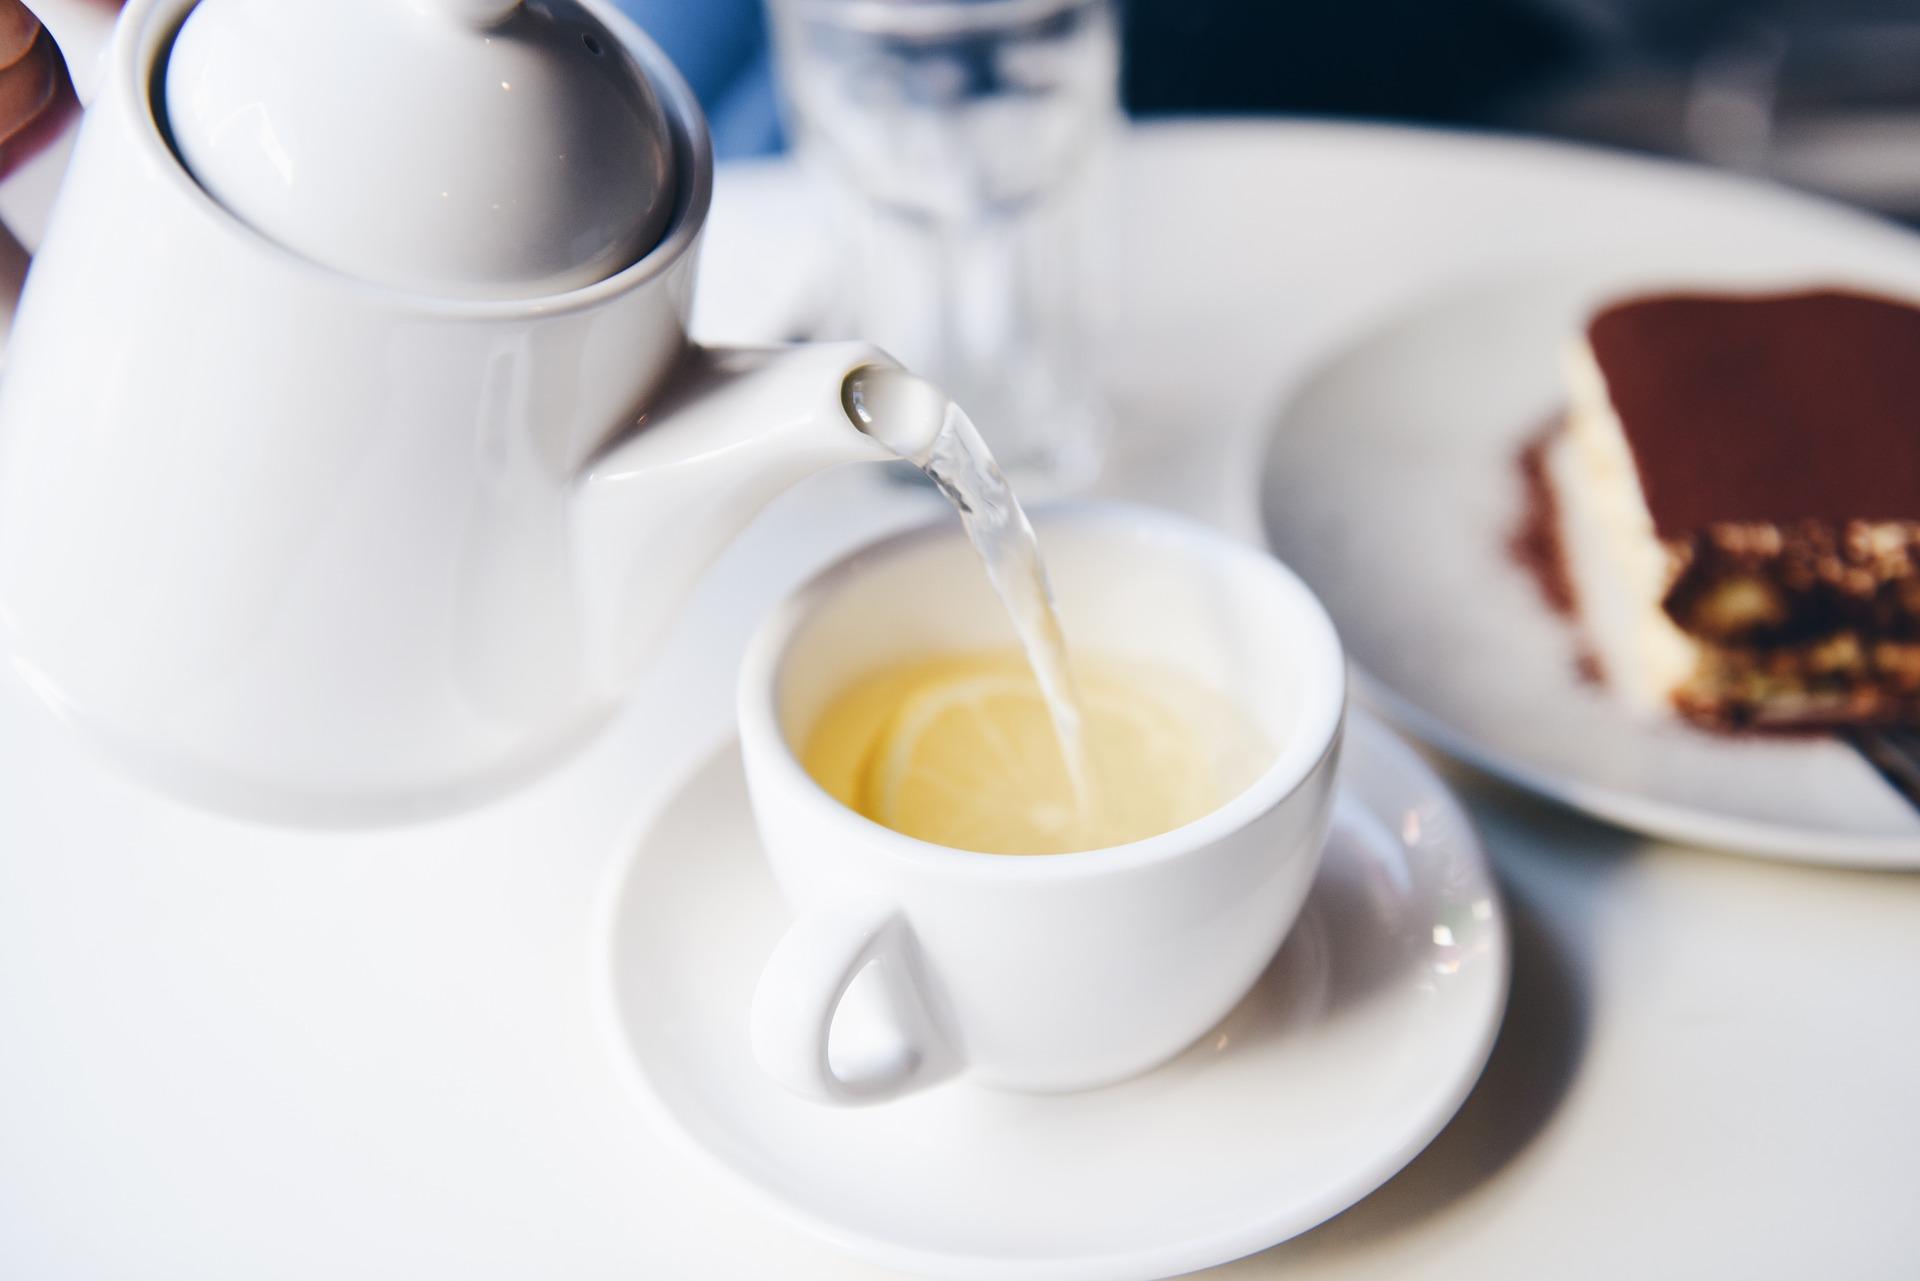 Green Tea Can Loosen Weight